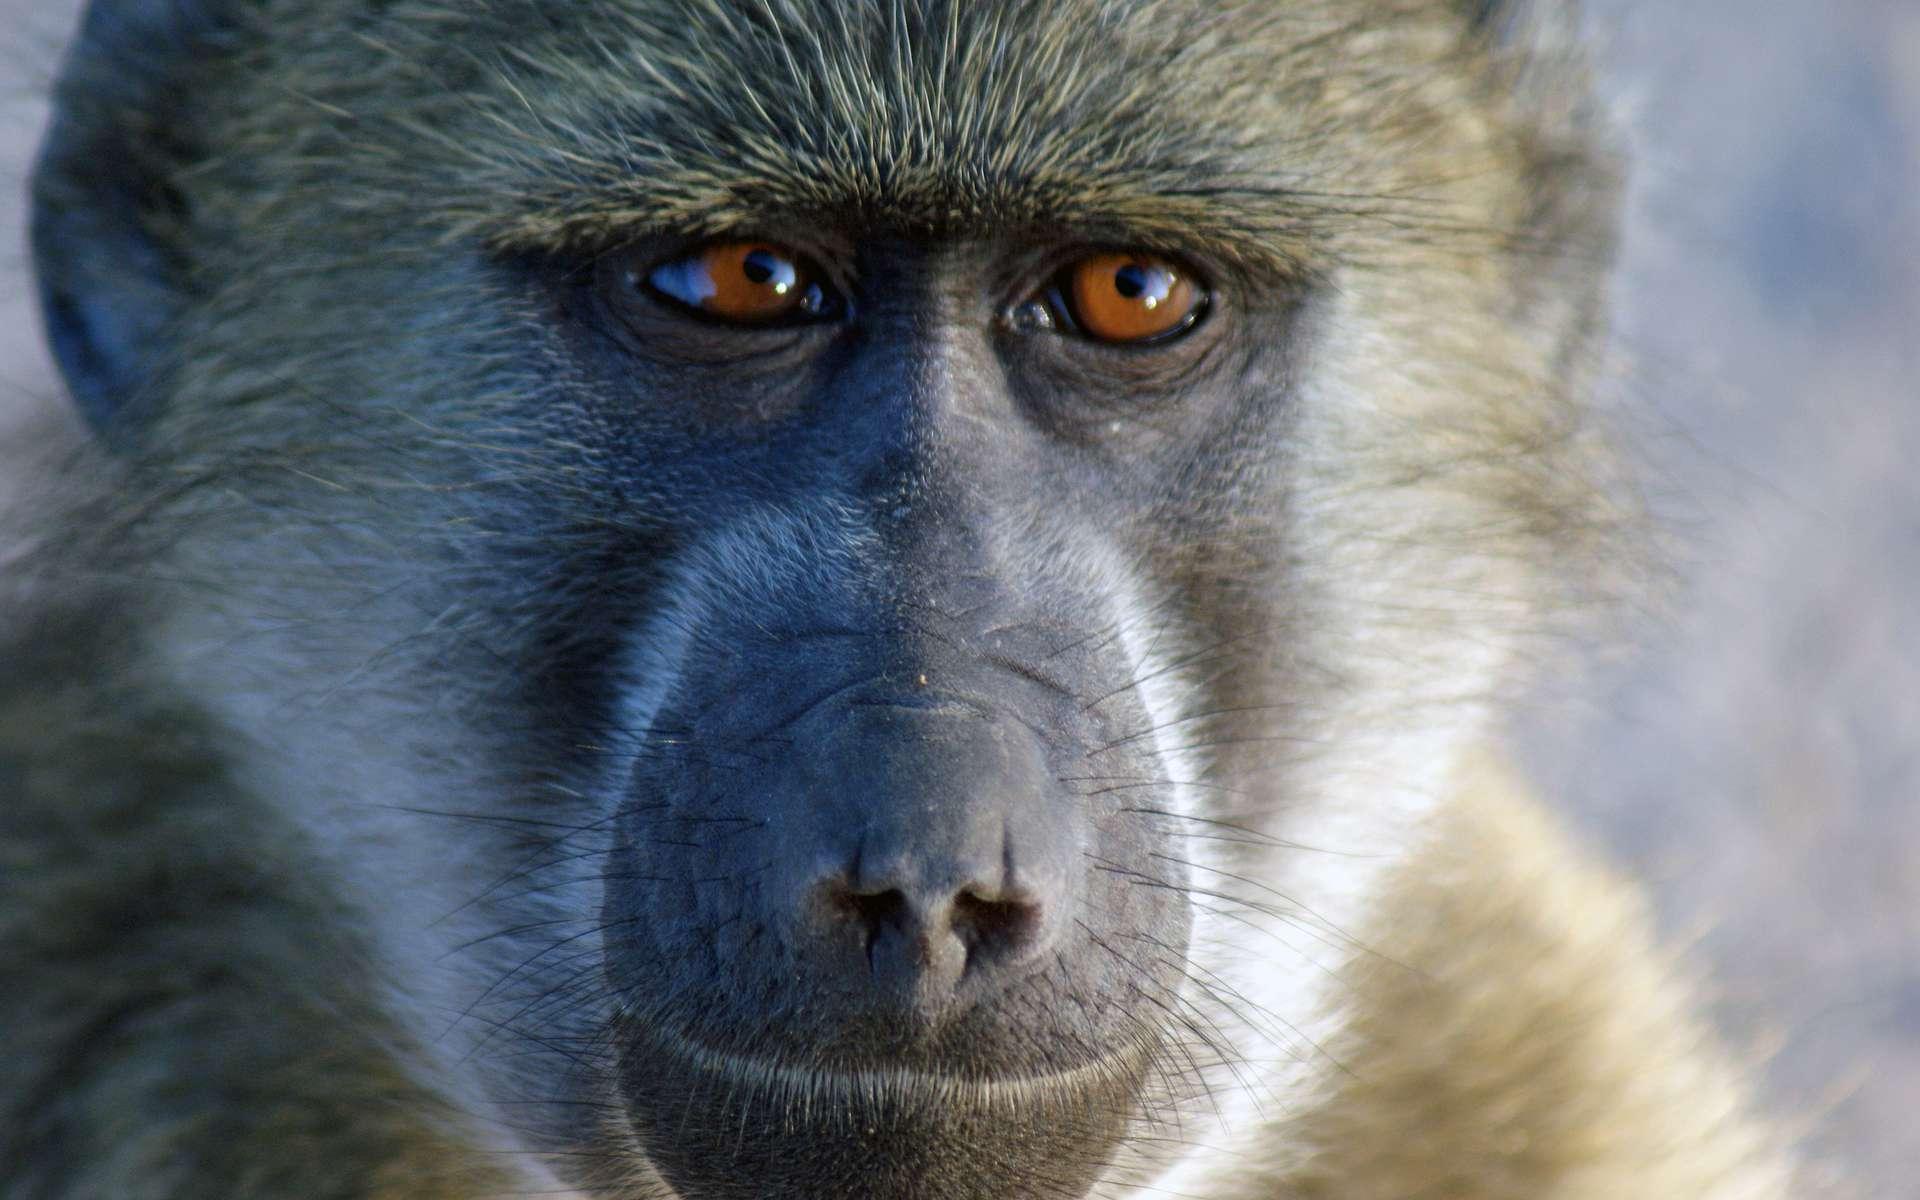 Les babouins forment des groupes sociaux d'une quarantaine d'individus en moyenne. Il est difficile de bien s'entendre avec tout ce petit monde. Pourtant, certains individus, qualifiés dans cette expérience de « gentils » sont capables de former des liens sociaux forts et étroits avec bon nombre de leurs congénères. Chez les primates non humains aussi, la personnalité est importante ! © Dave 2x, Fotopédia, cc by nd 2.0